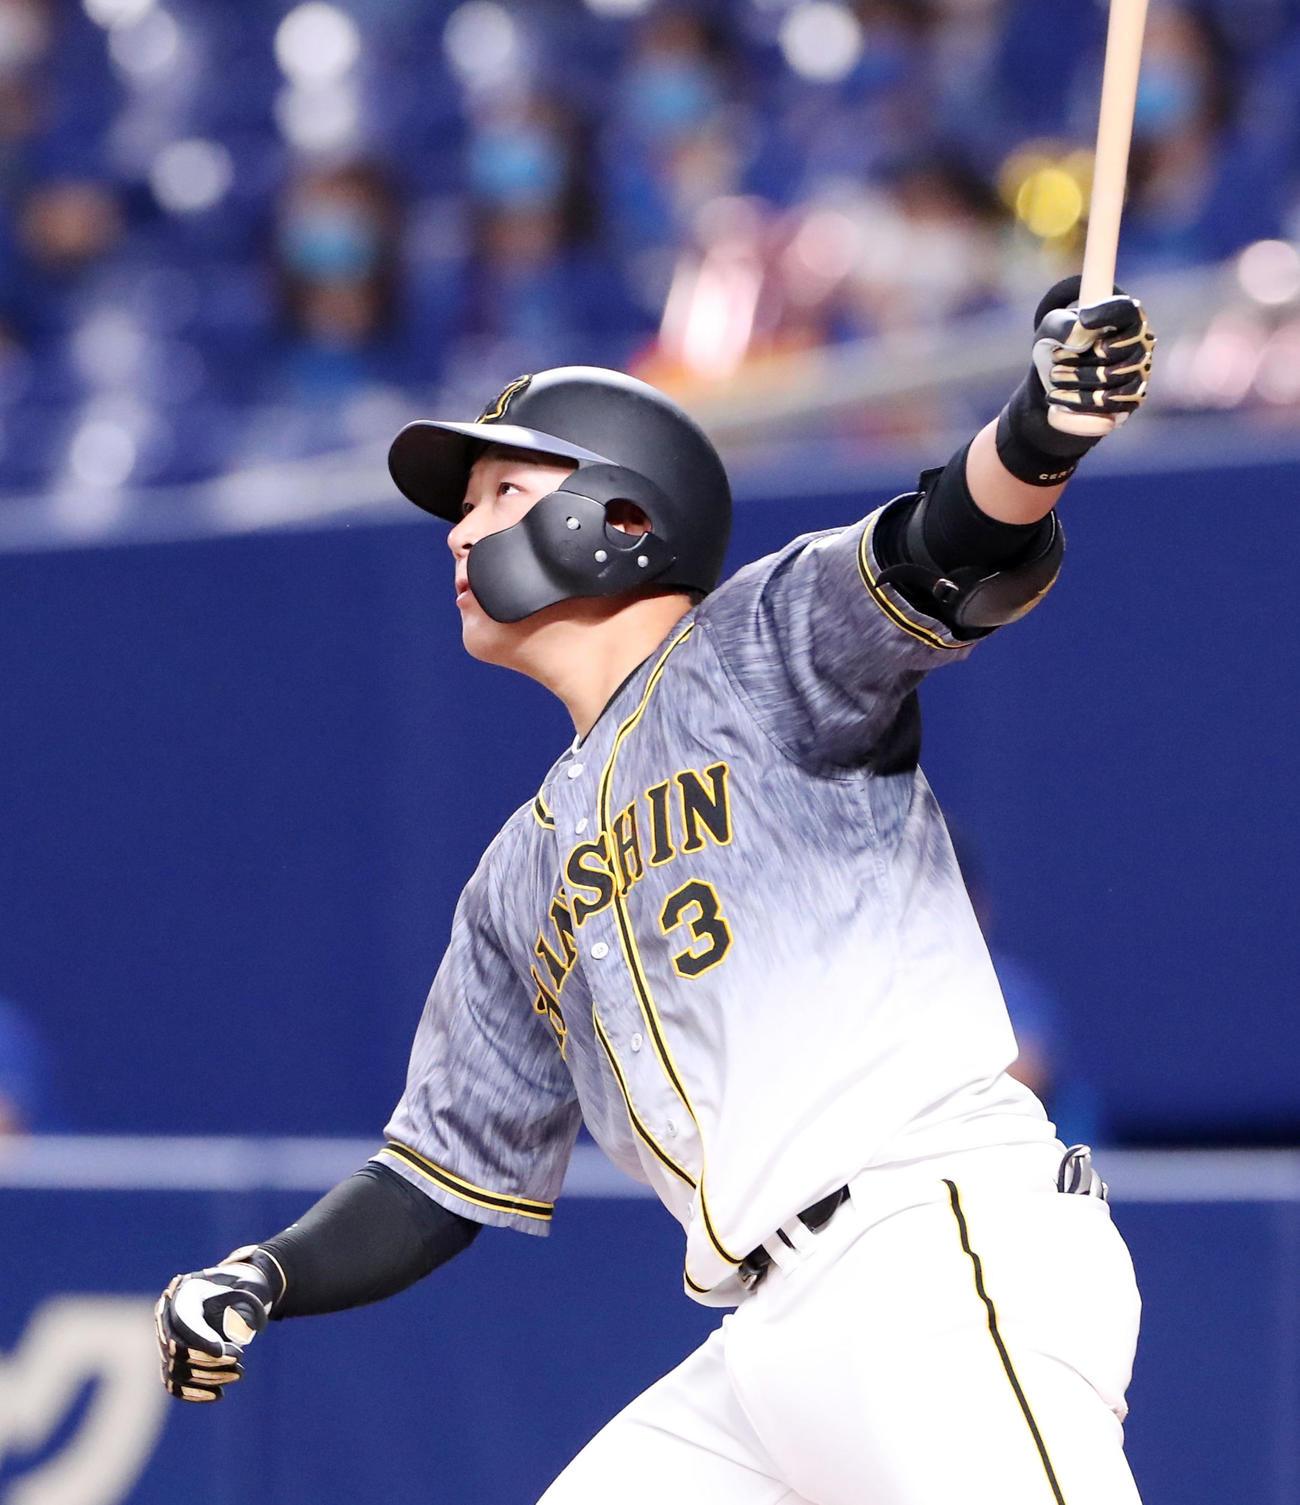 中日対阪神 7回表阪神1死一塁、大山は2打席連続となる左越え2点本塁打を放つ(撮影・加藤哉)